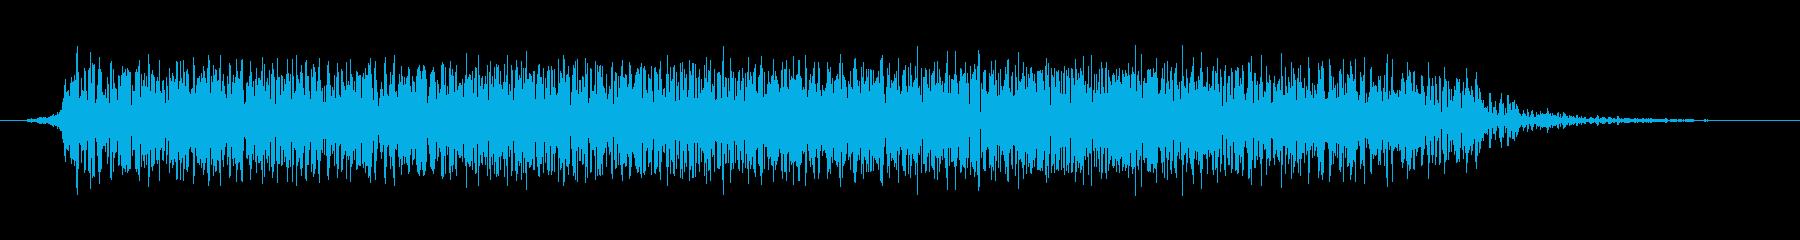 モンスター 悲鳴 52の再生済みの波形